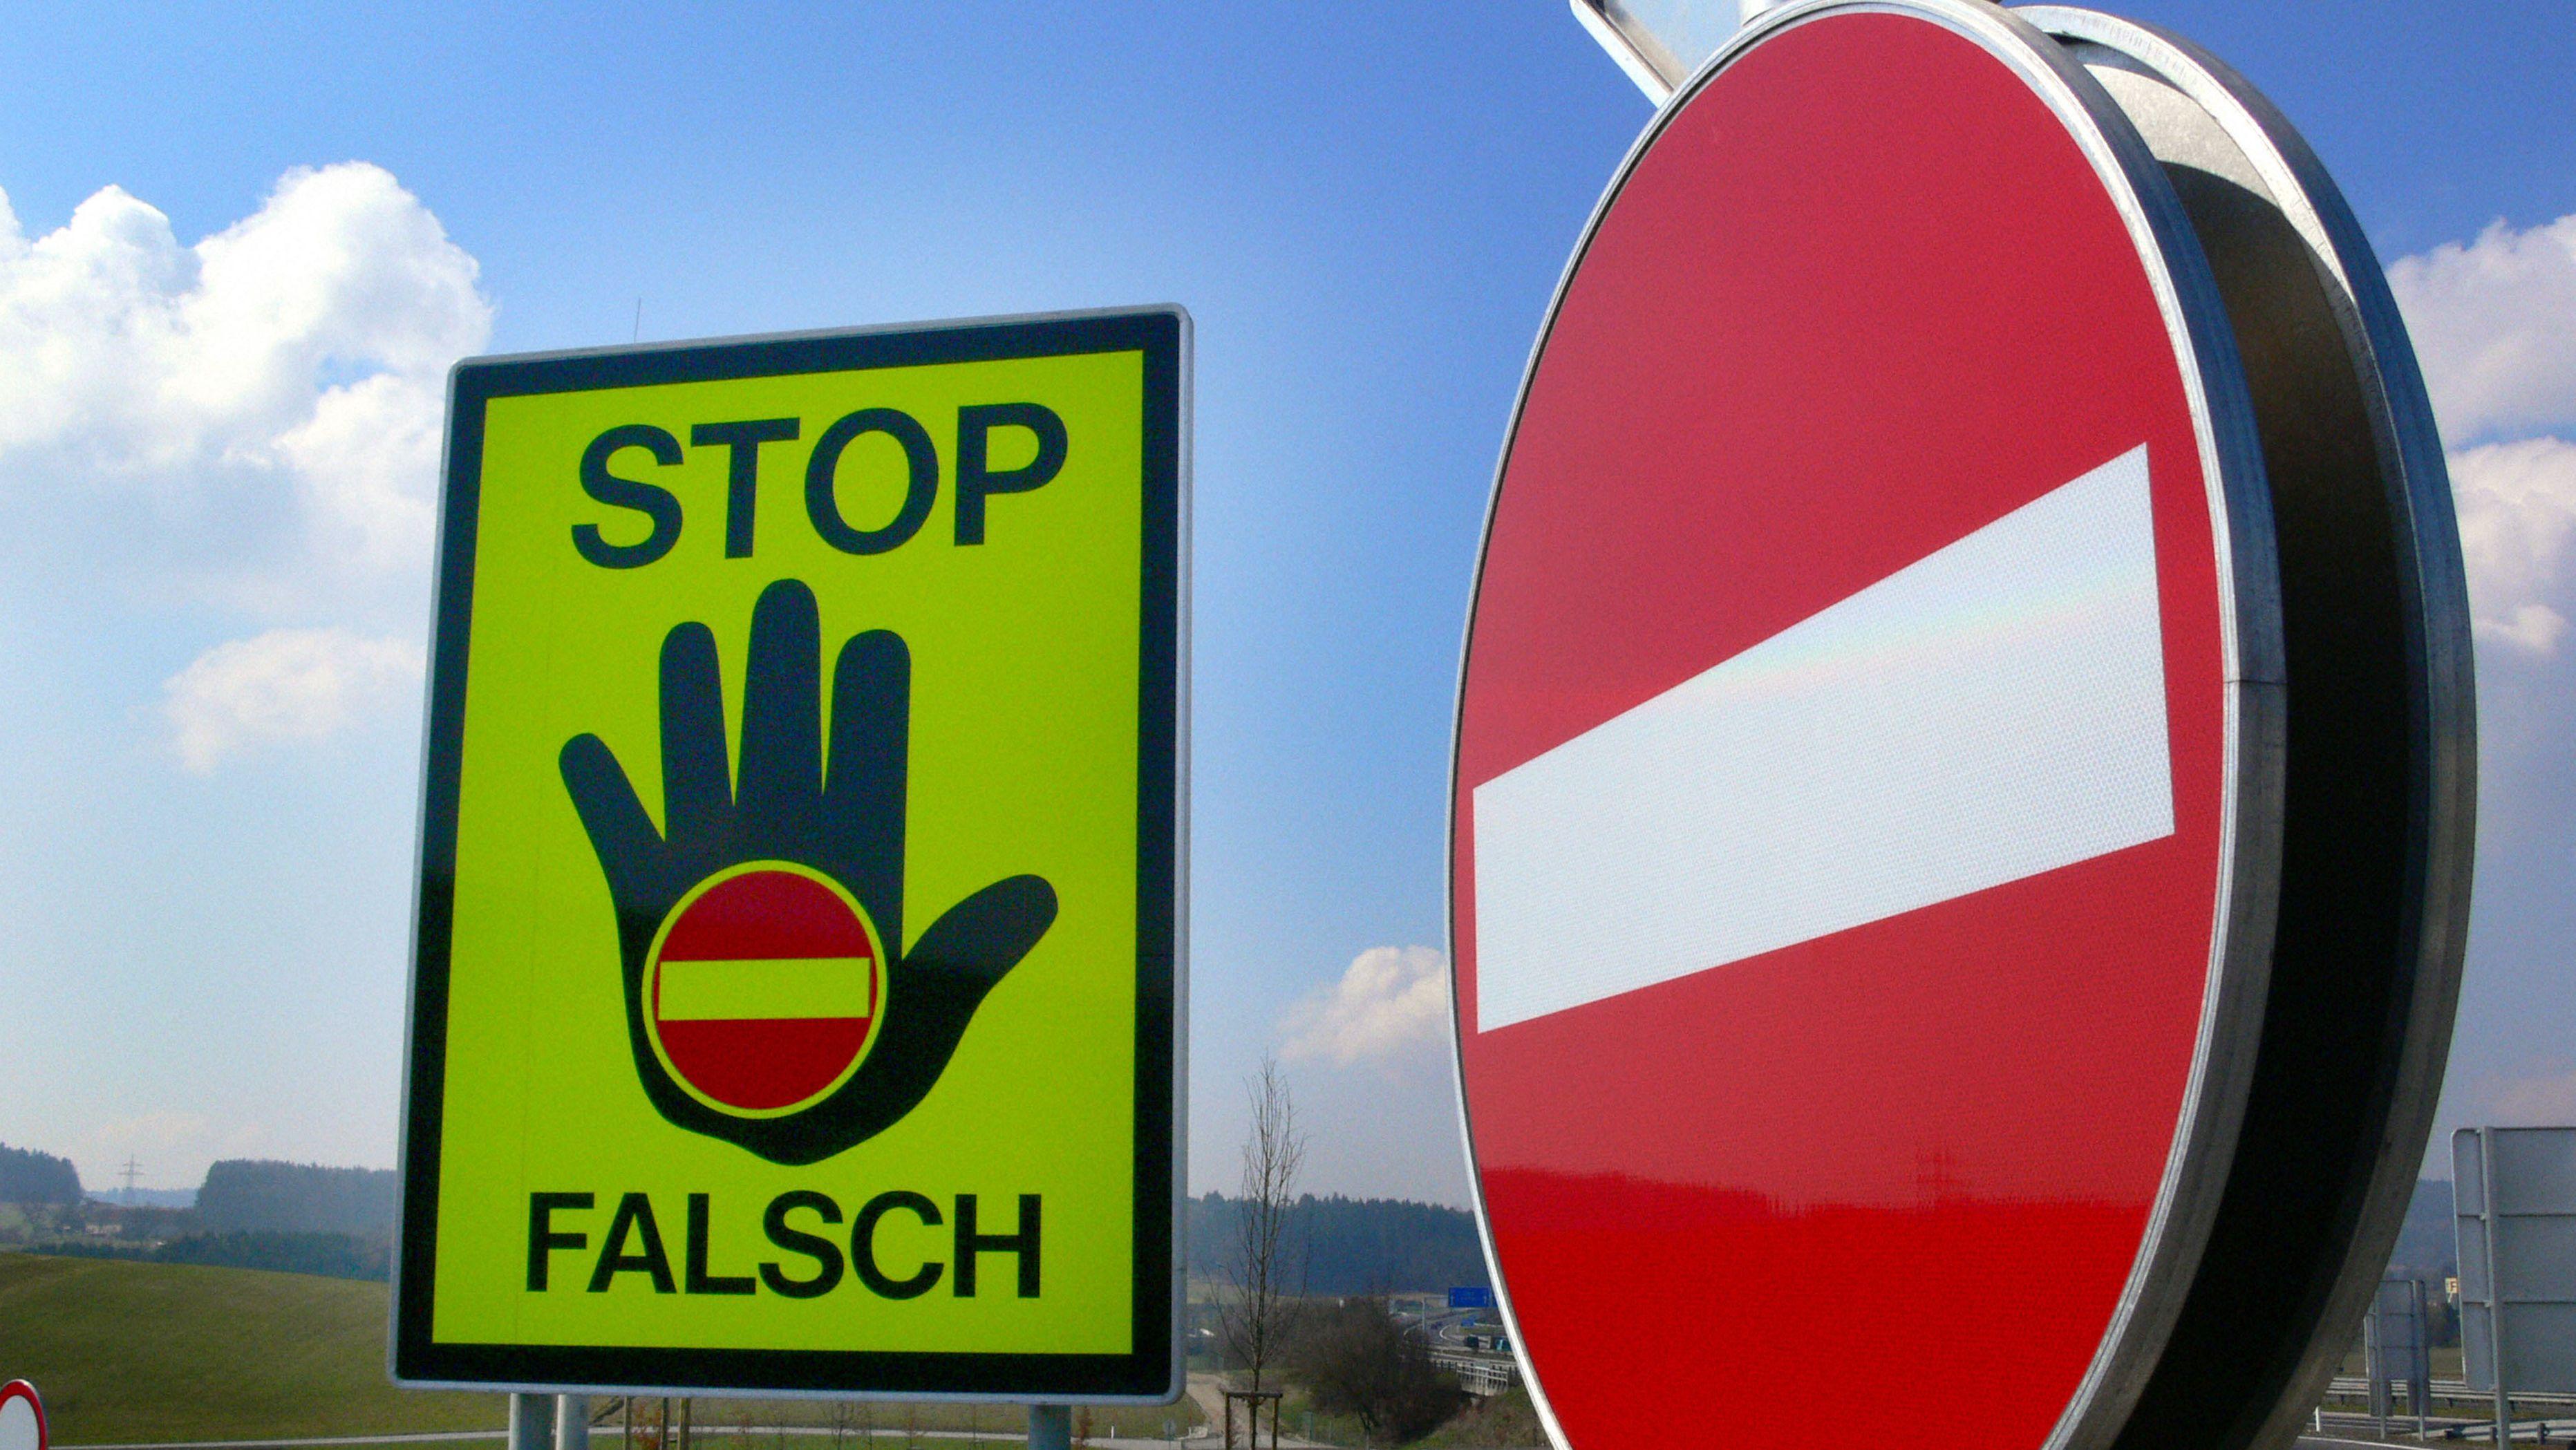 Falschfahrerwarnung